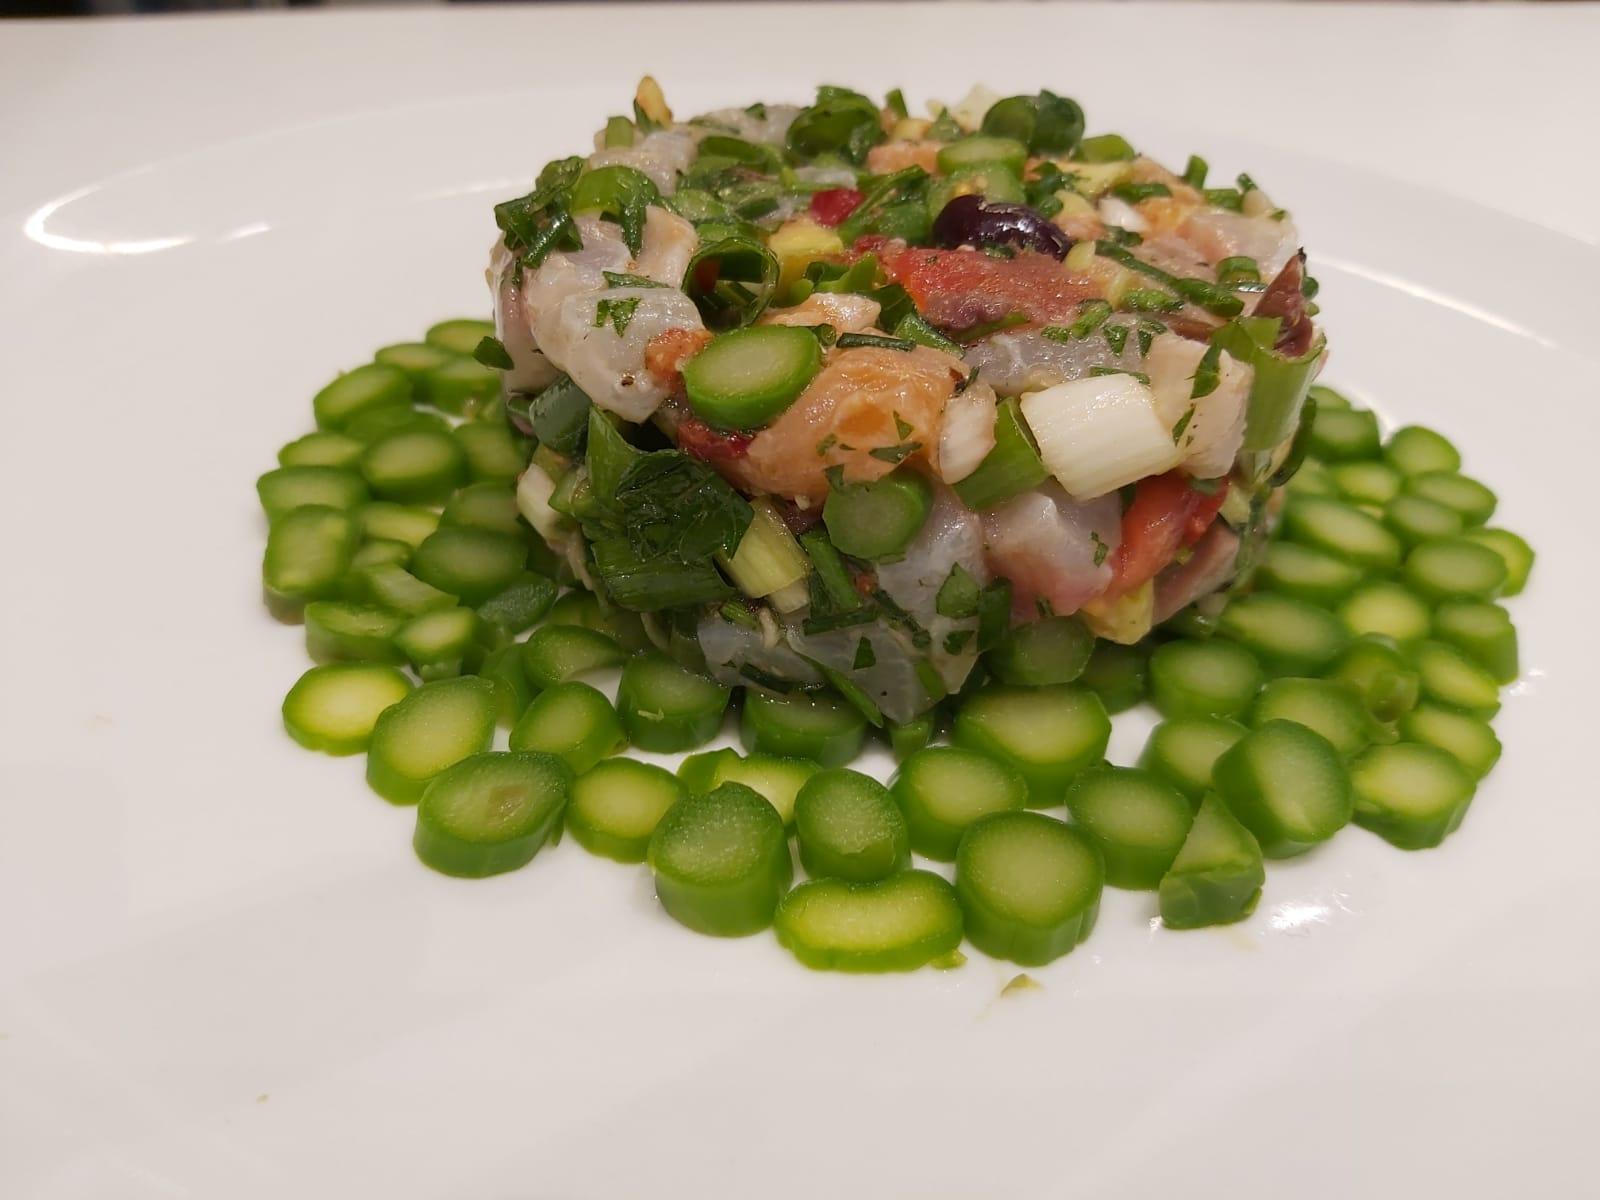 חיים סלומון שף פרטי - טרטר דג עם עיגולים ירוקים מסביב